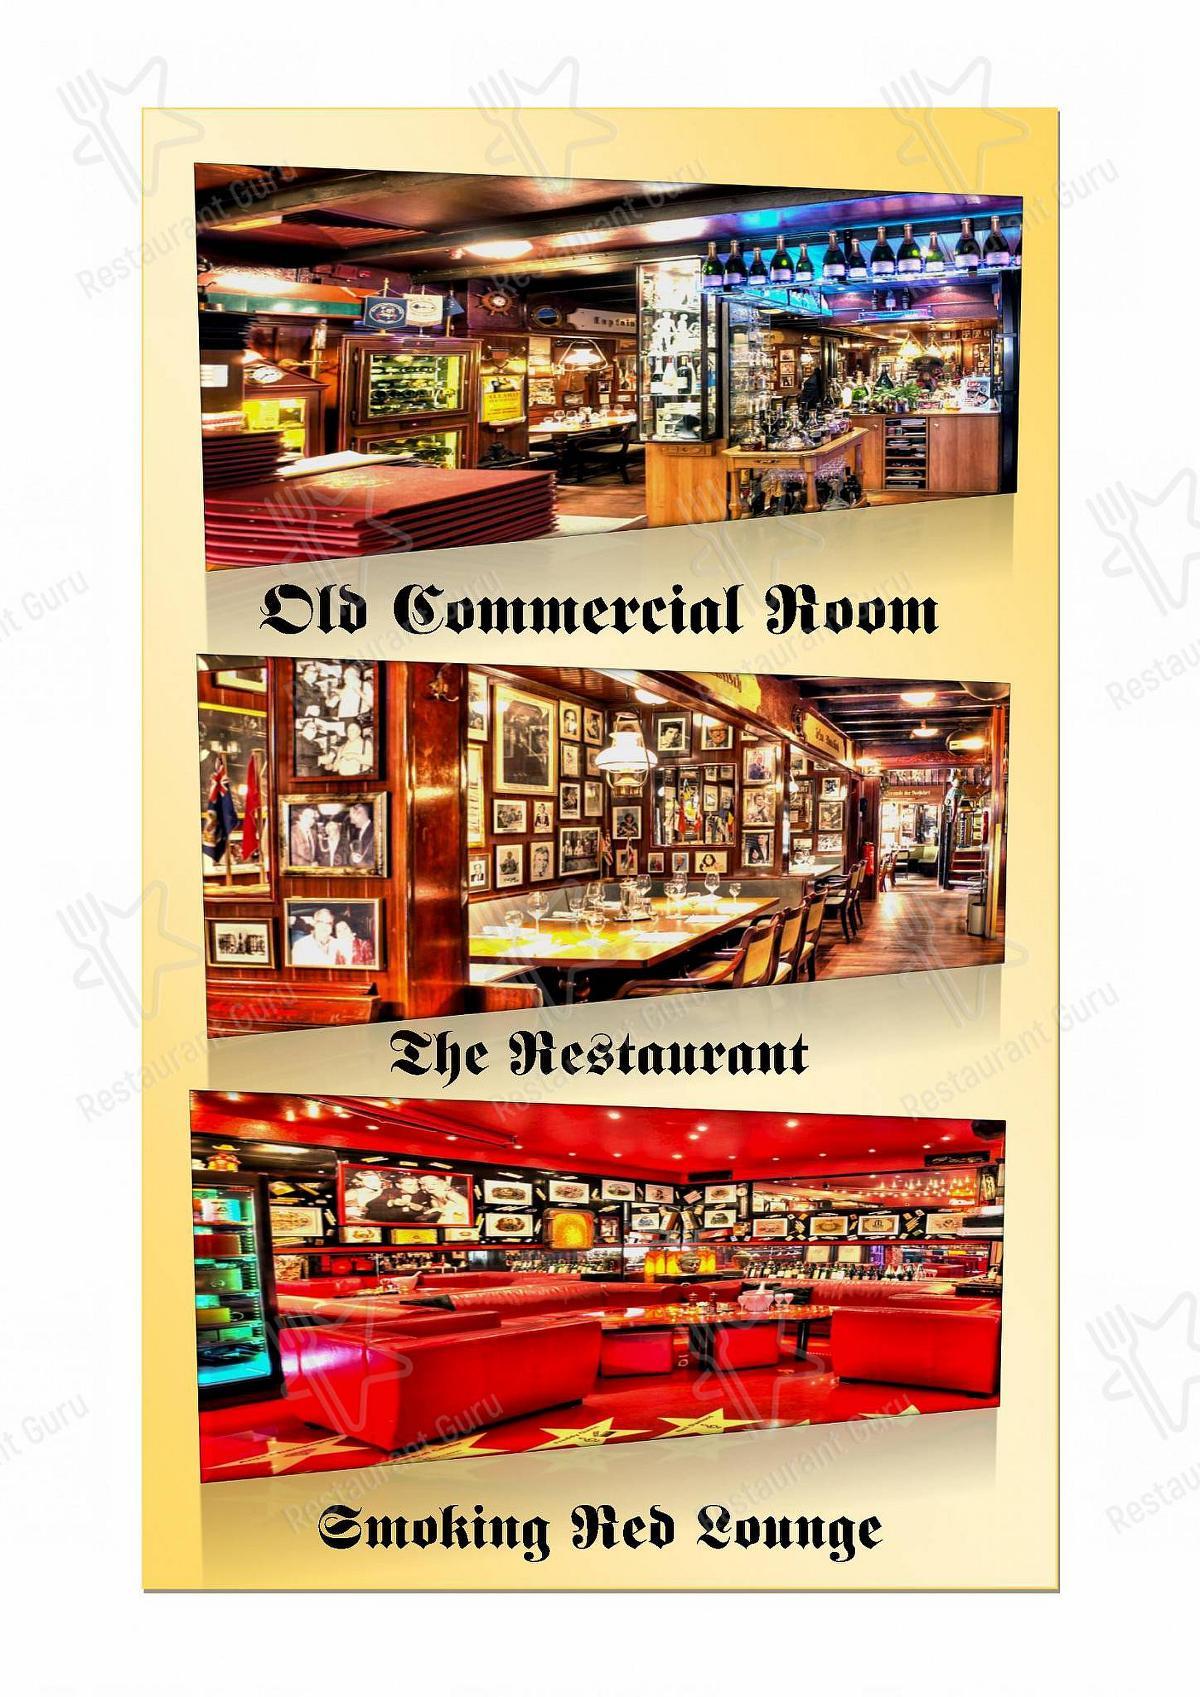 Old Commercial Room Speisekarte - Gerichte und Getränke